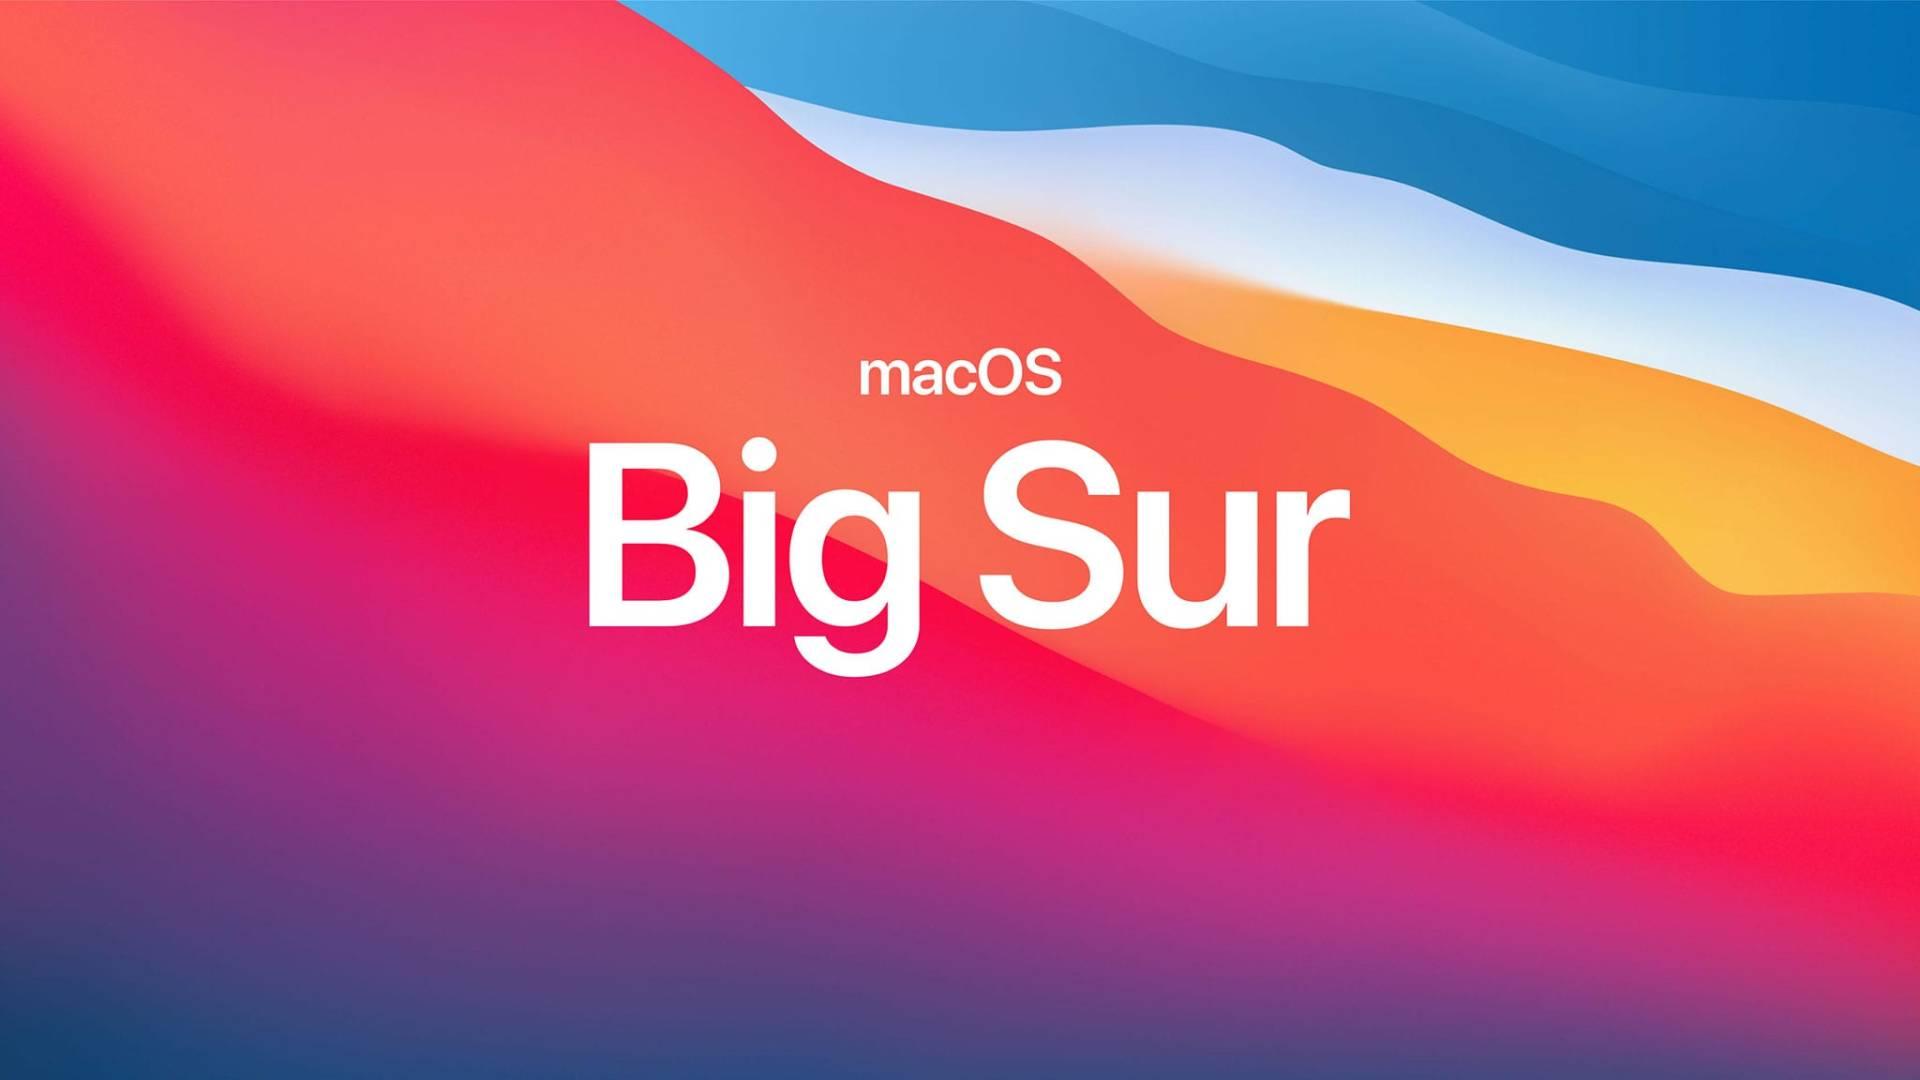 macOS Big Sur 11.6.1